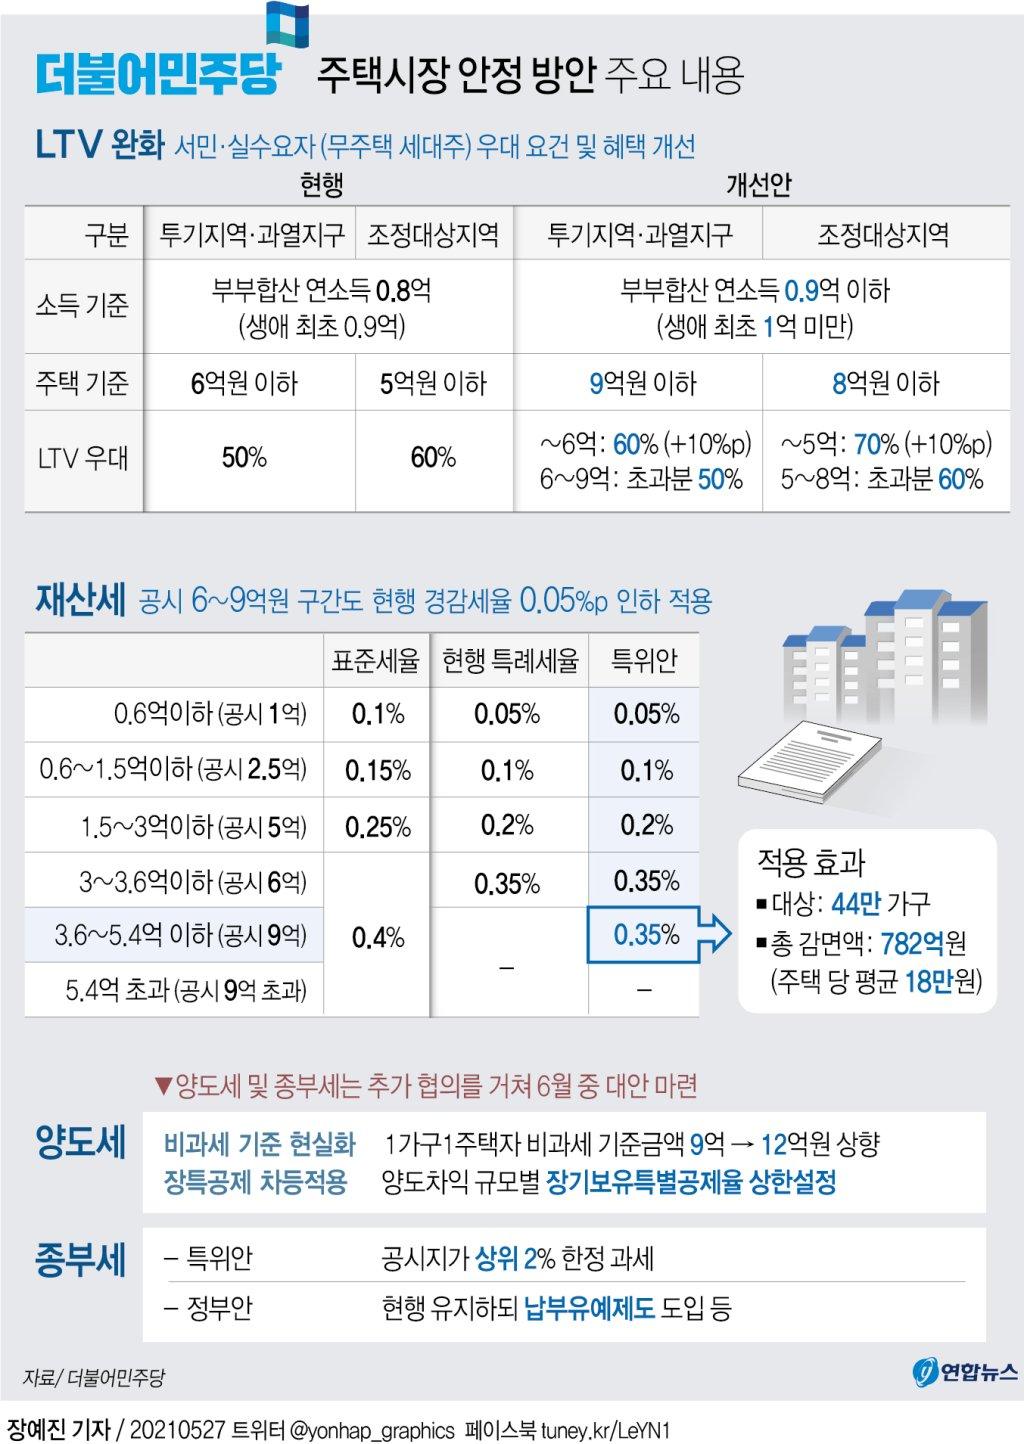 [그래픽] 더불어민주당 주택시장 안정 방안 주요 내용